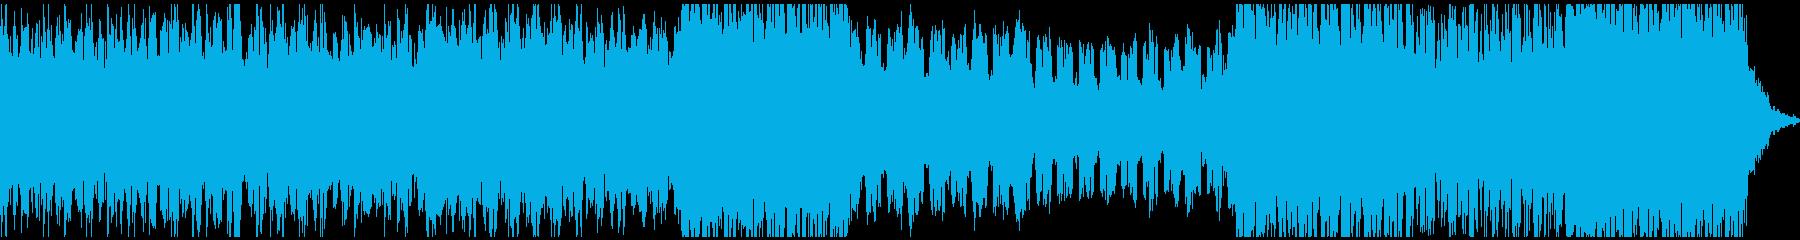 エレクトロニカバラードの再生済みの波形